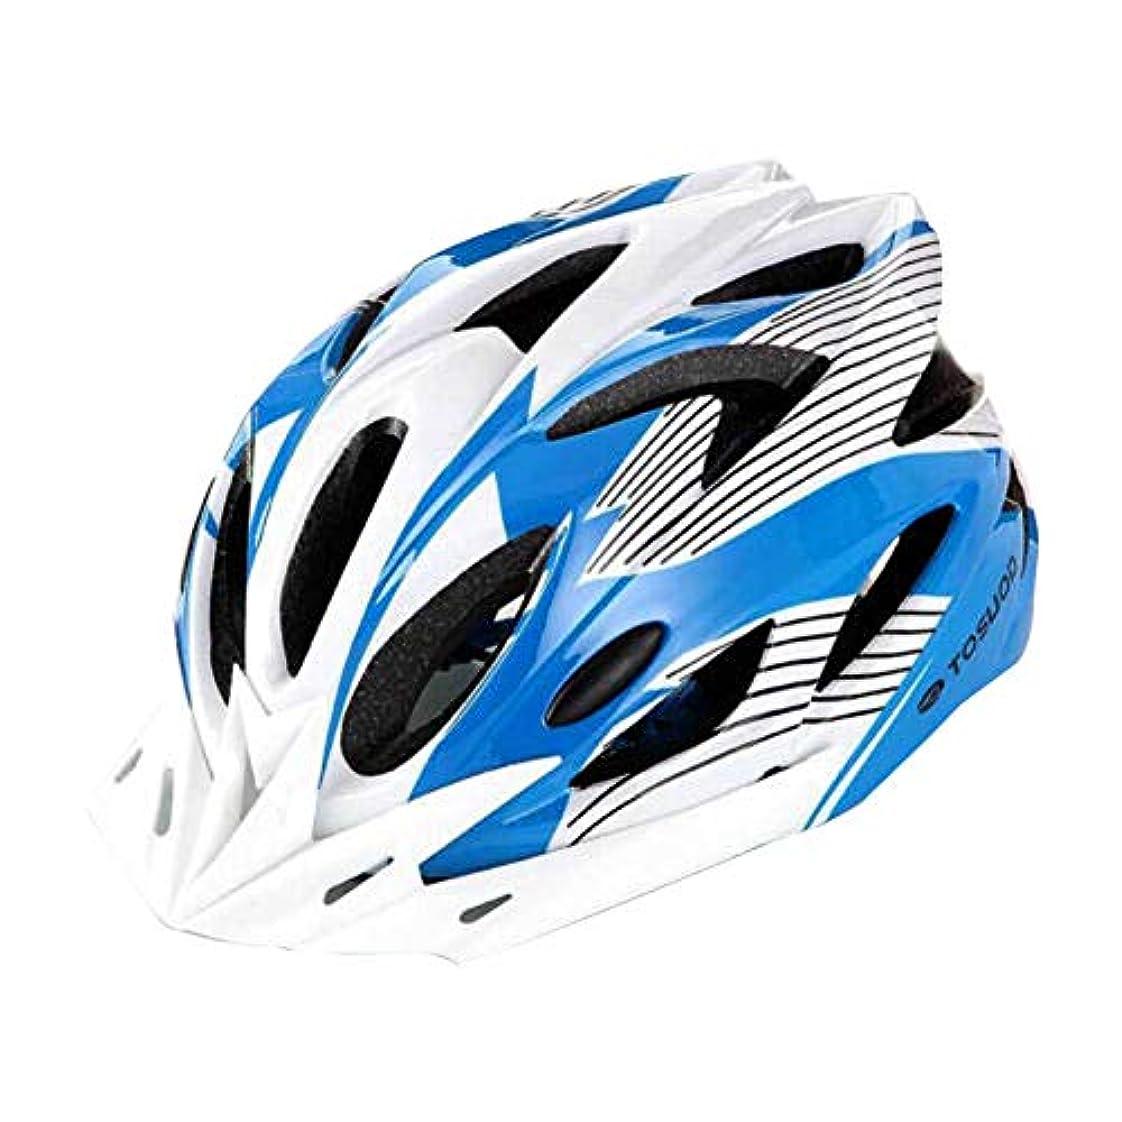 スパイラル調子知るヘルメット 自転車ヘルメット ロードバイク サイクリング 18通気穴 調整可能 男女兼用 軽量 安全性 高剛性 6色